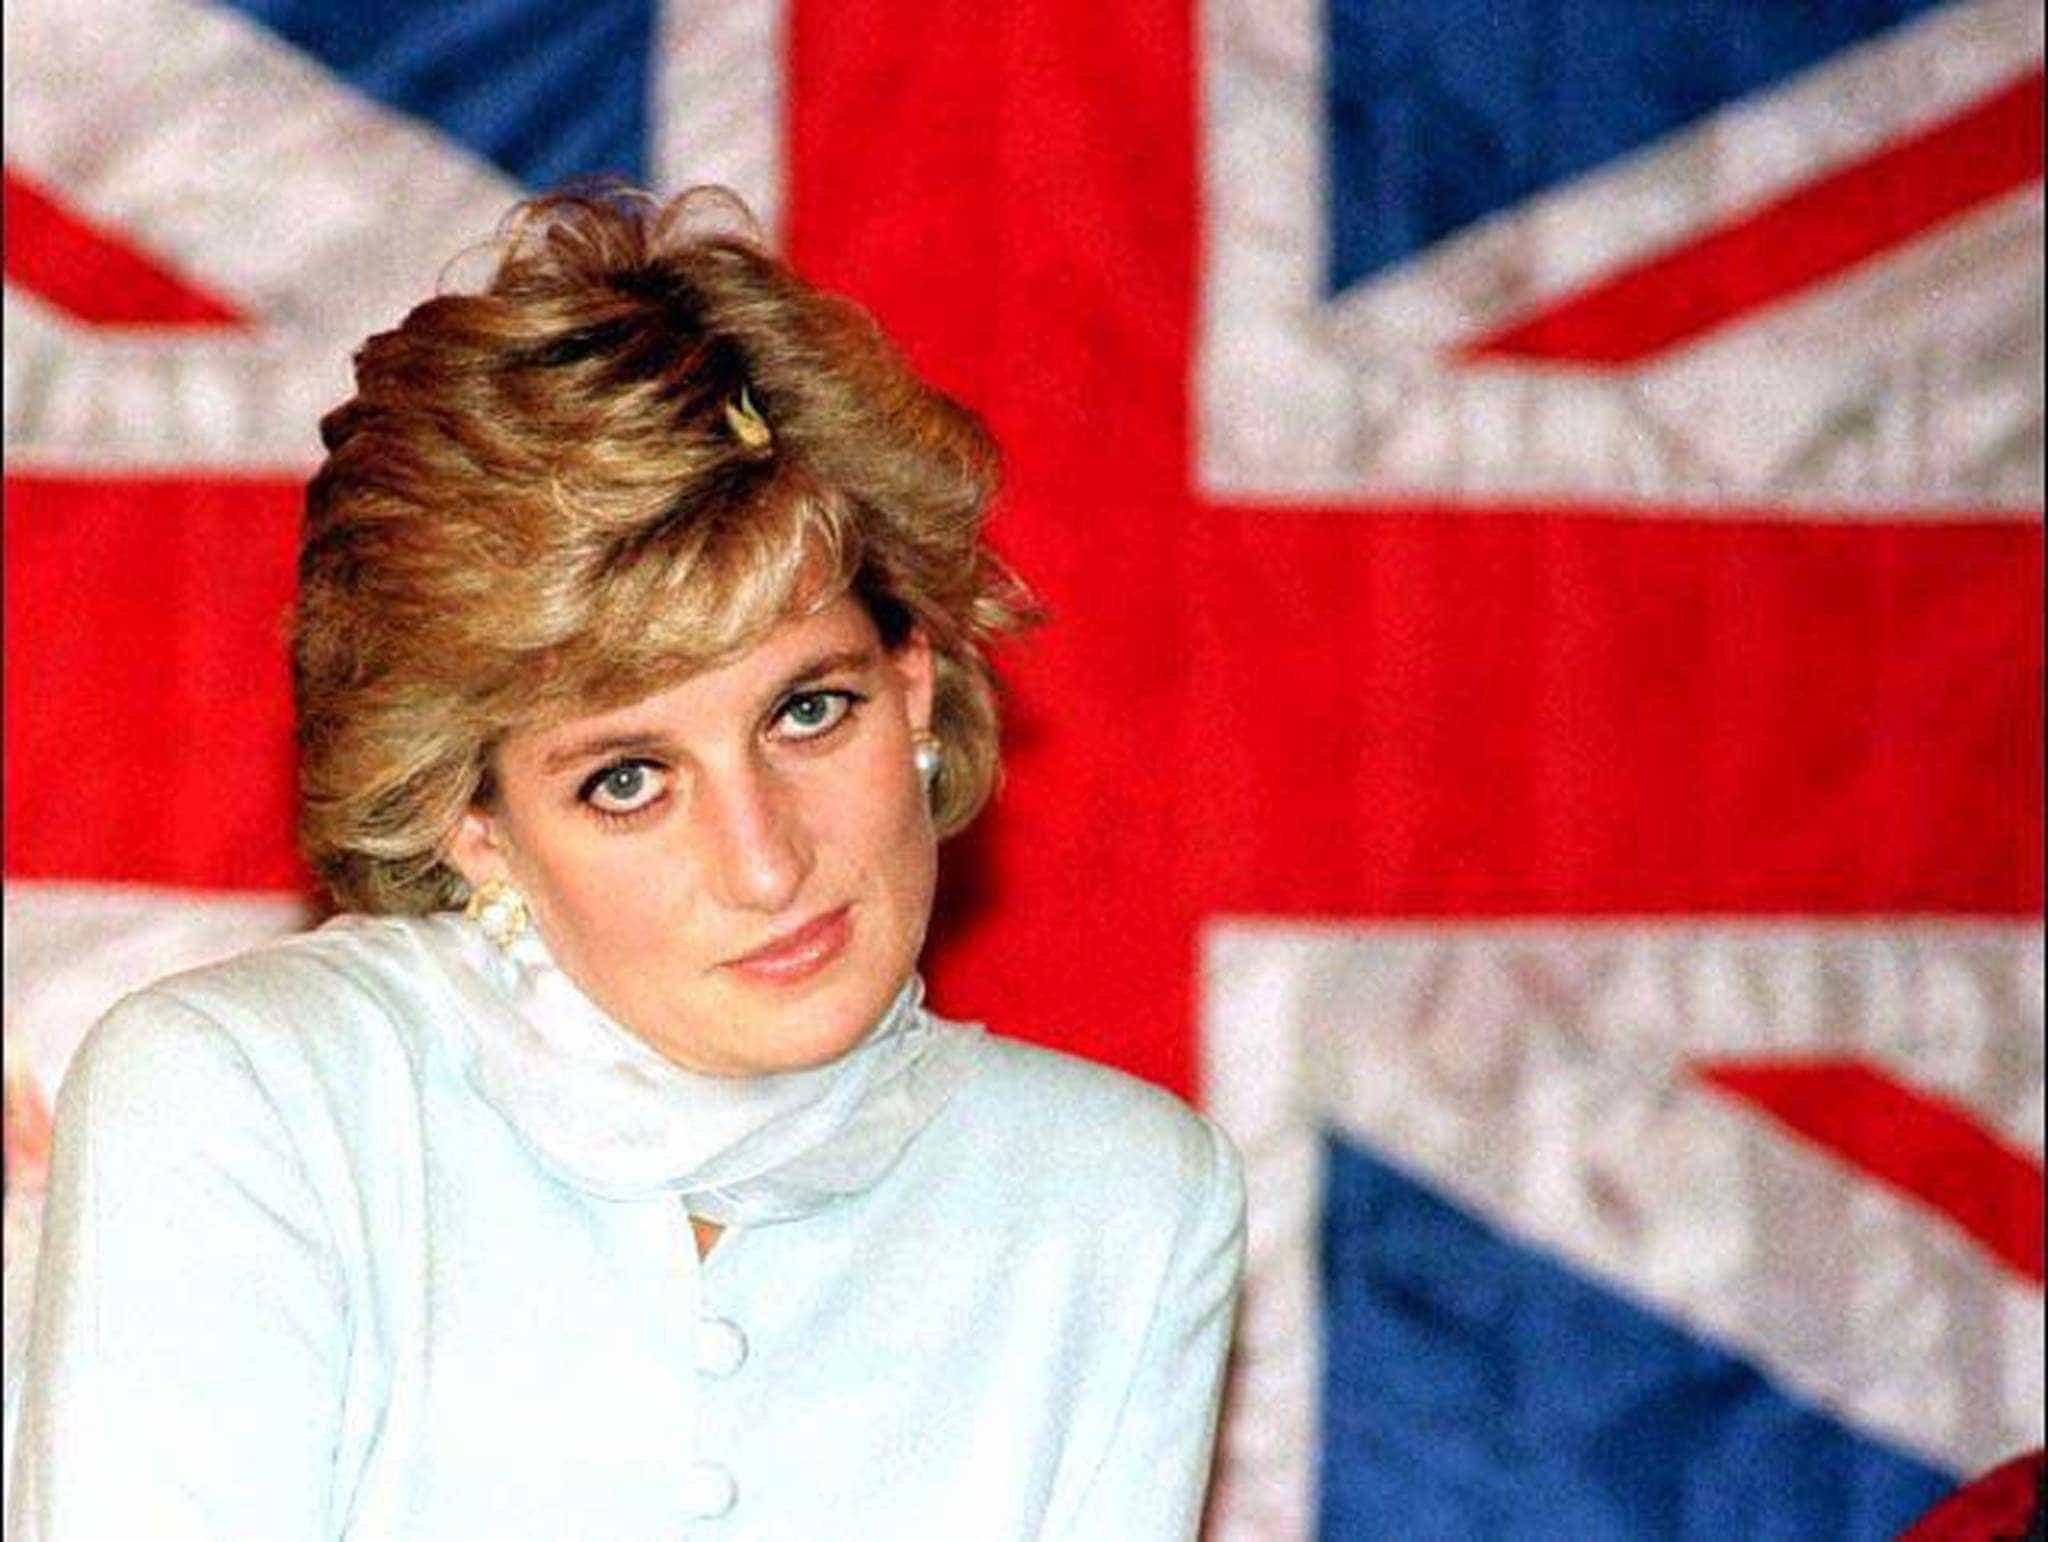 Princesa Diana: um mito da realeza britânica -